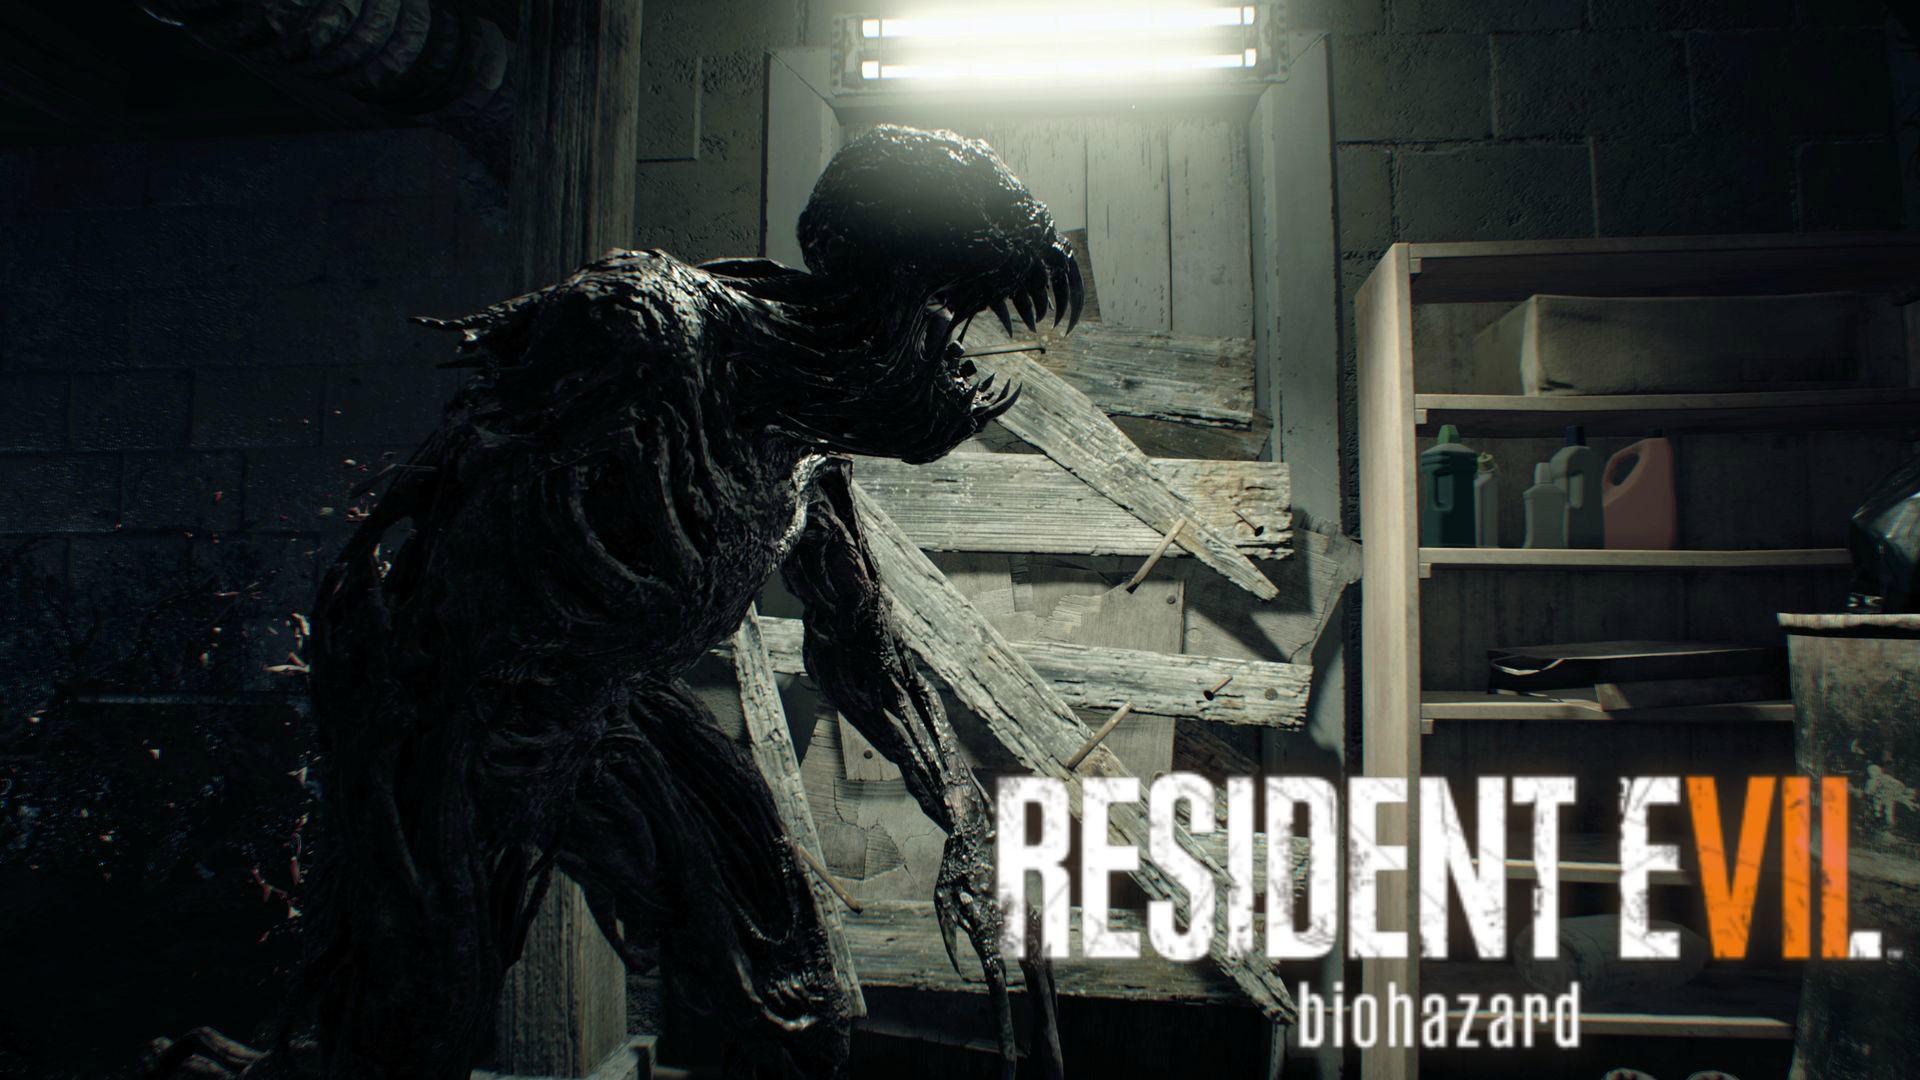 Resident Evil 7 Hd Wallpaper: Le Forum Des Sites Français De Resident